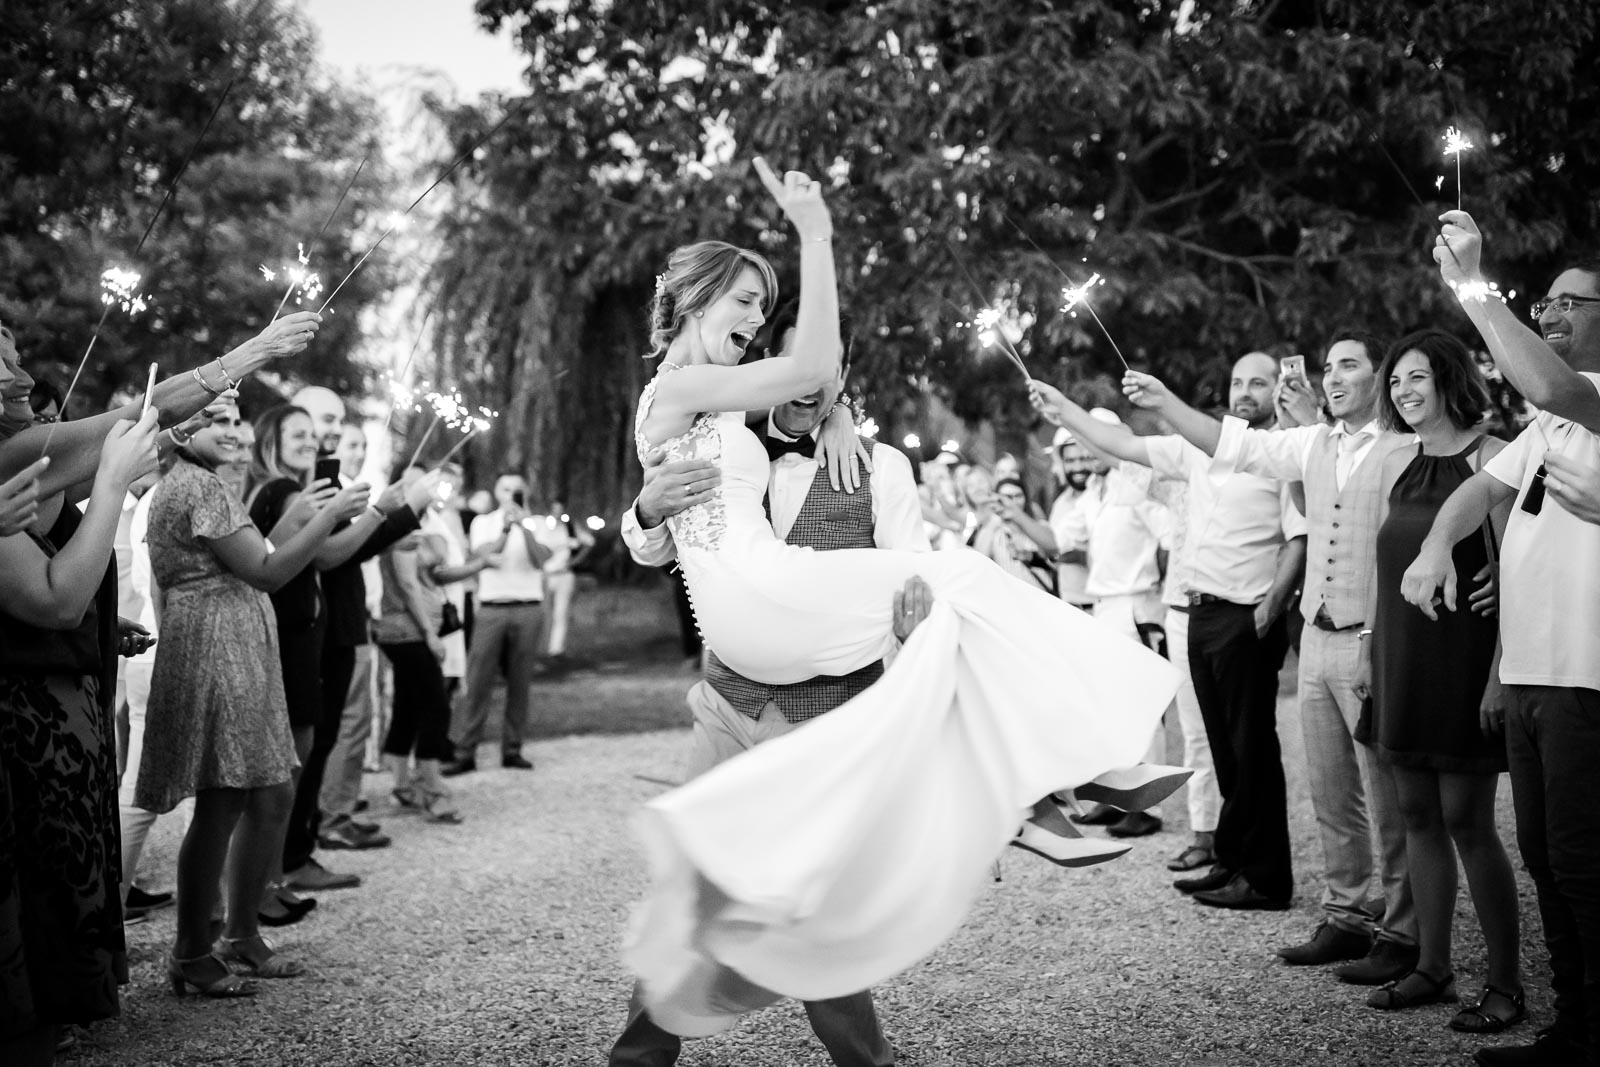 Photographie de Mathieu Dété, photographe de mariage et famille sur l'île Maurice, représentant une mariée heureuse à l'entrée en salle